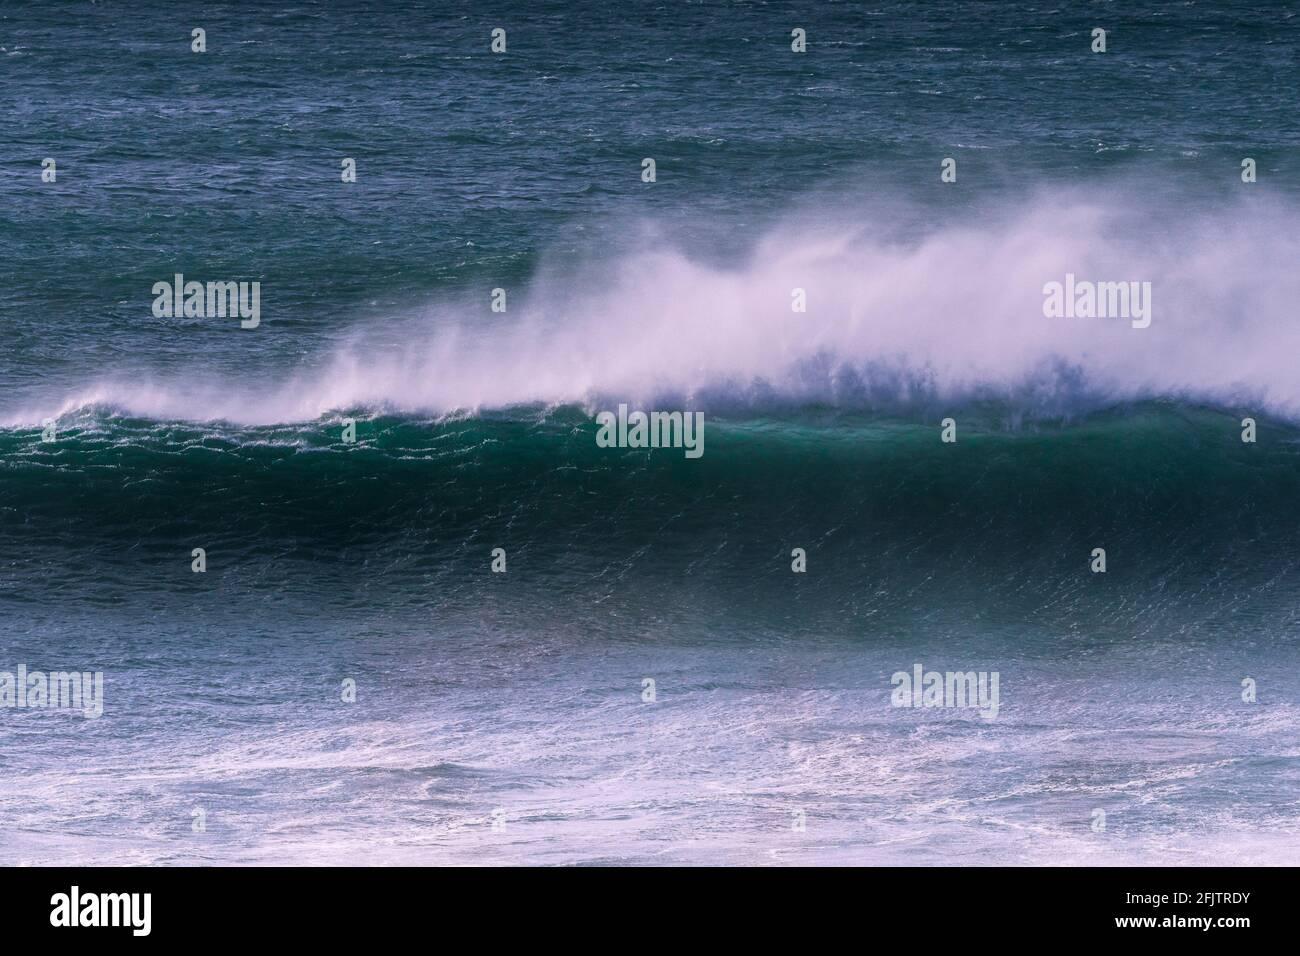 Grandes vagues et vents violents au large de la baie Fistral, à Newquay, en Cornwall. Banque D'Images